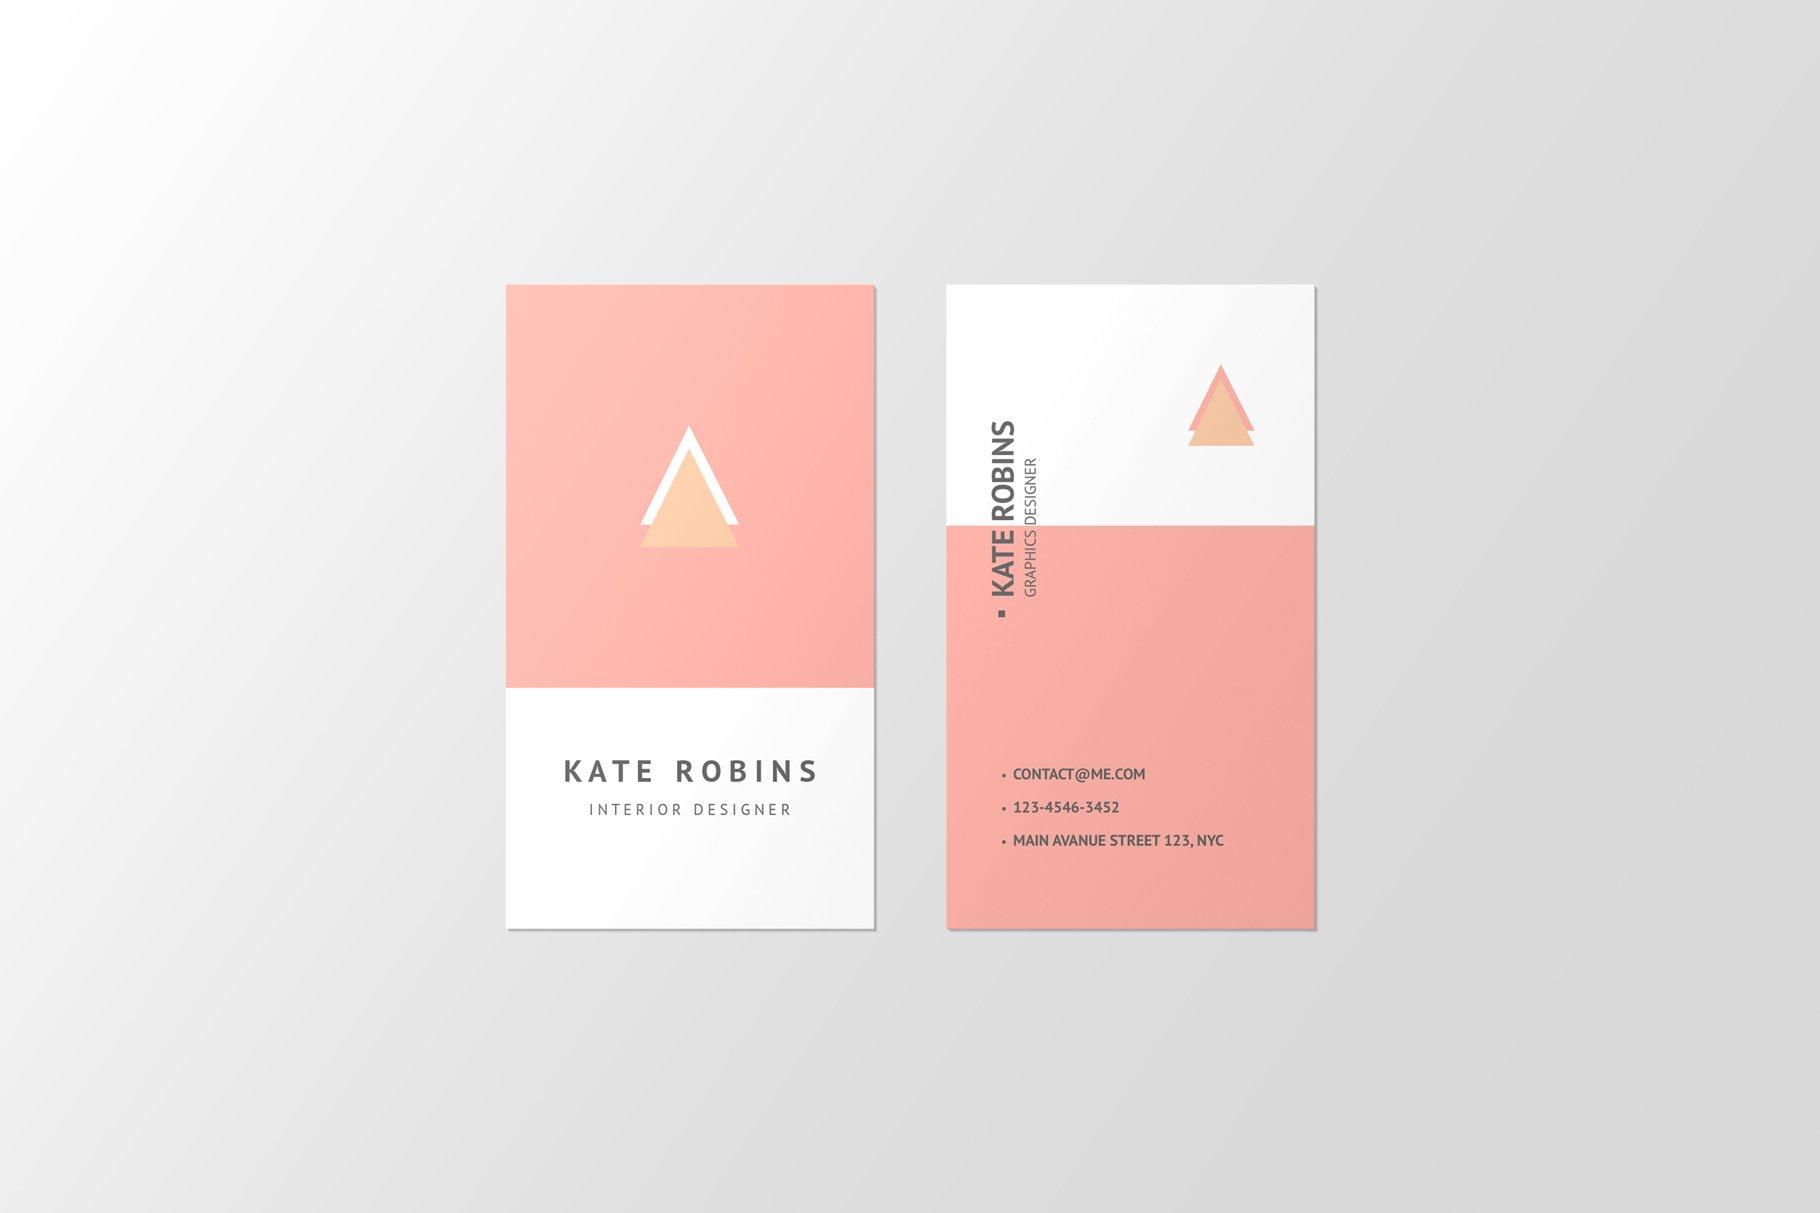 14款商务个人名片卡片设计展示样机 Portrait Business Card Mockup插图(12)